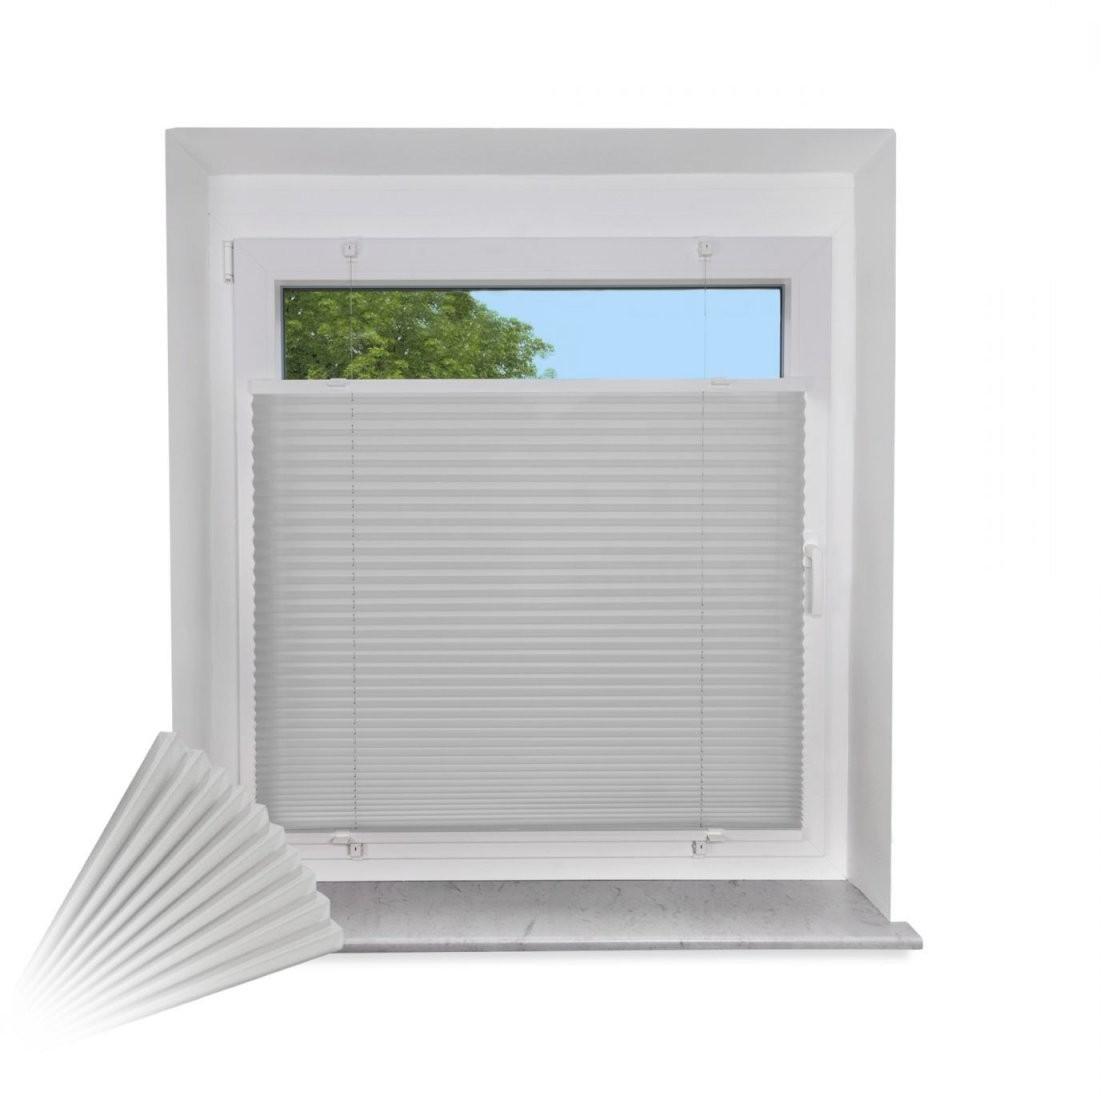 Fenster Plissee Zum Klemmen At Haus Design Information Ideas von Jalousien Innen Zum Klemmen Photo